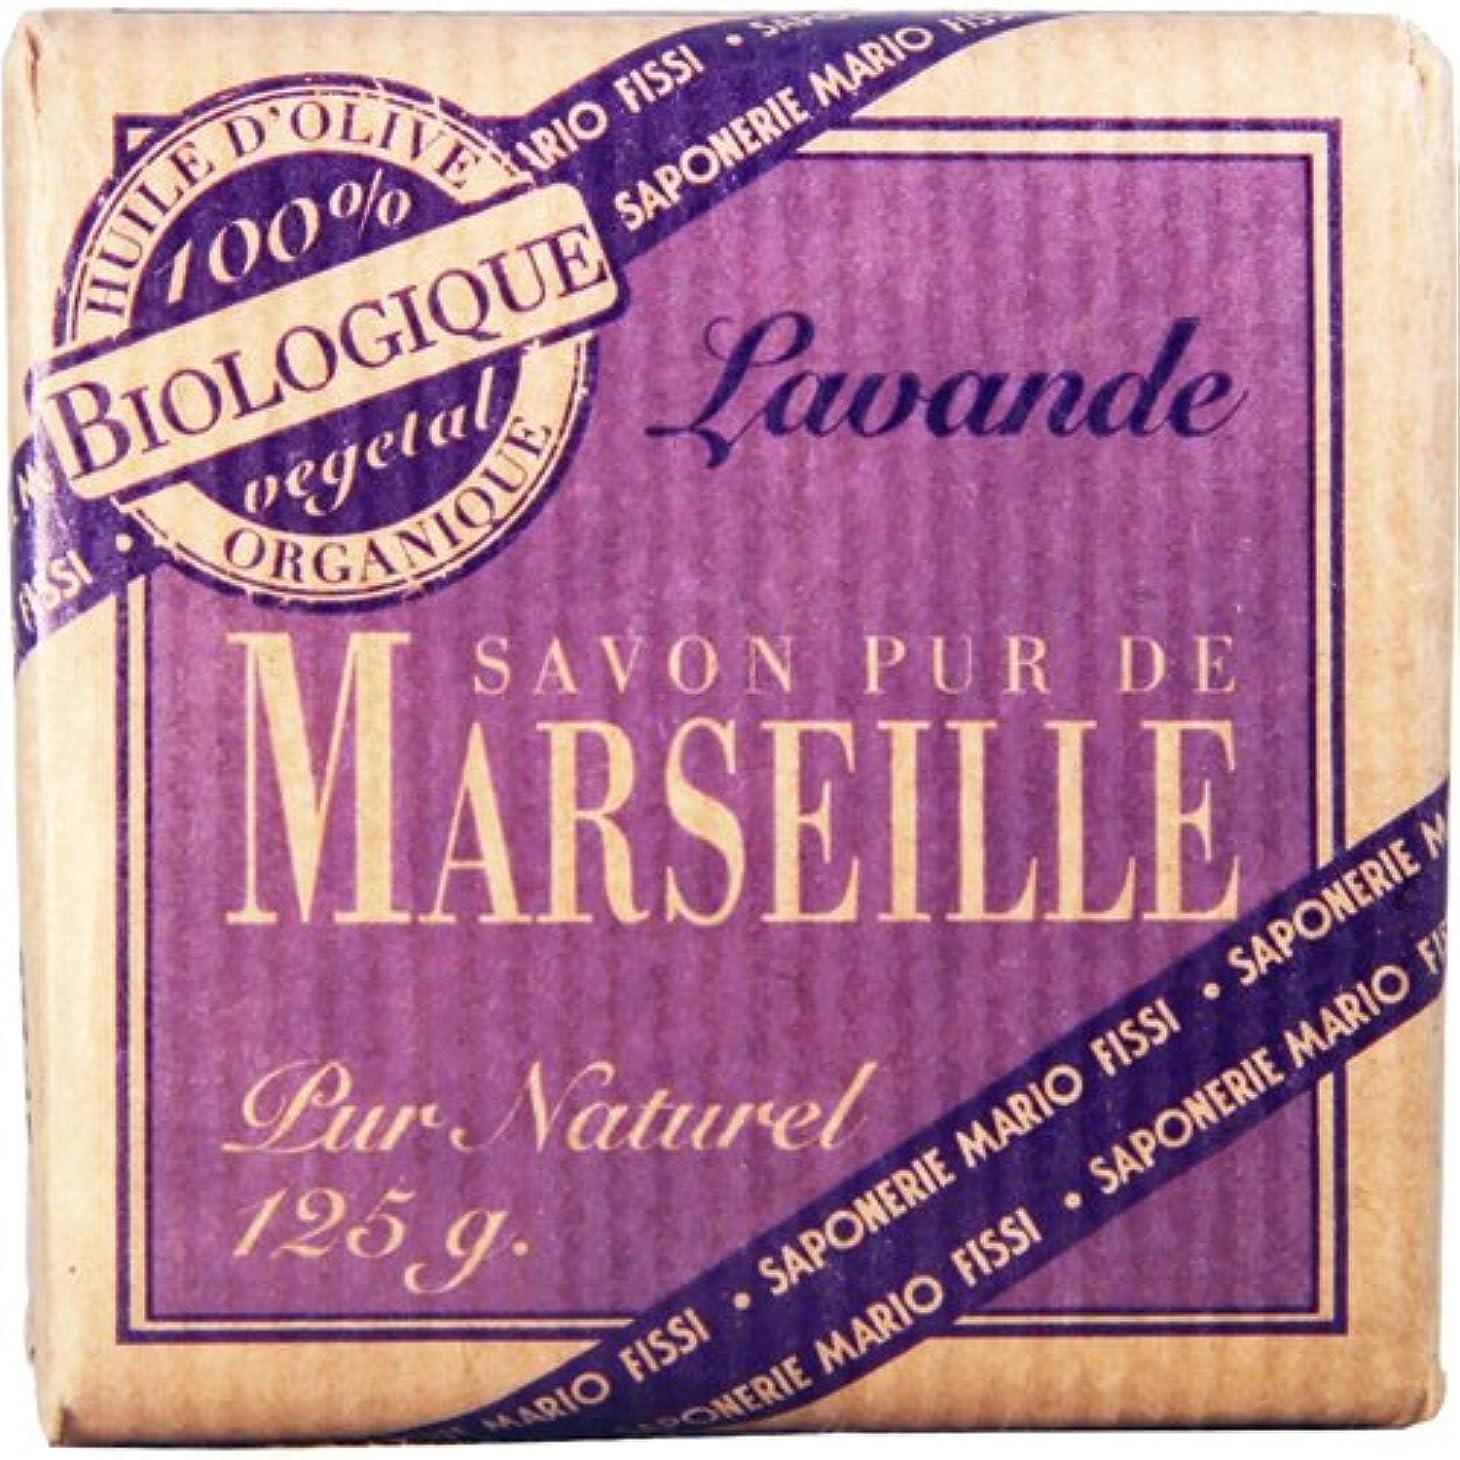 スナック警察署友だちSaponerire Fissi マルセイユシリーズ マルセイユソープ 125g Lavender ラベンダー